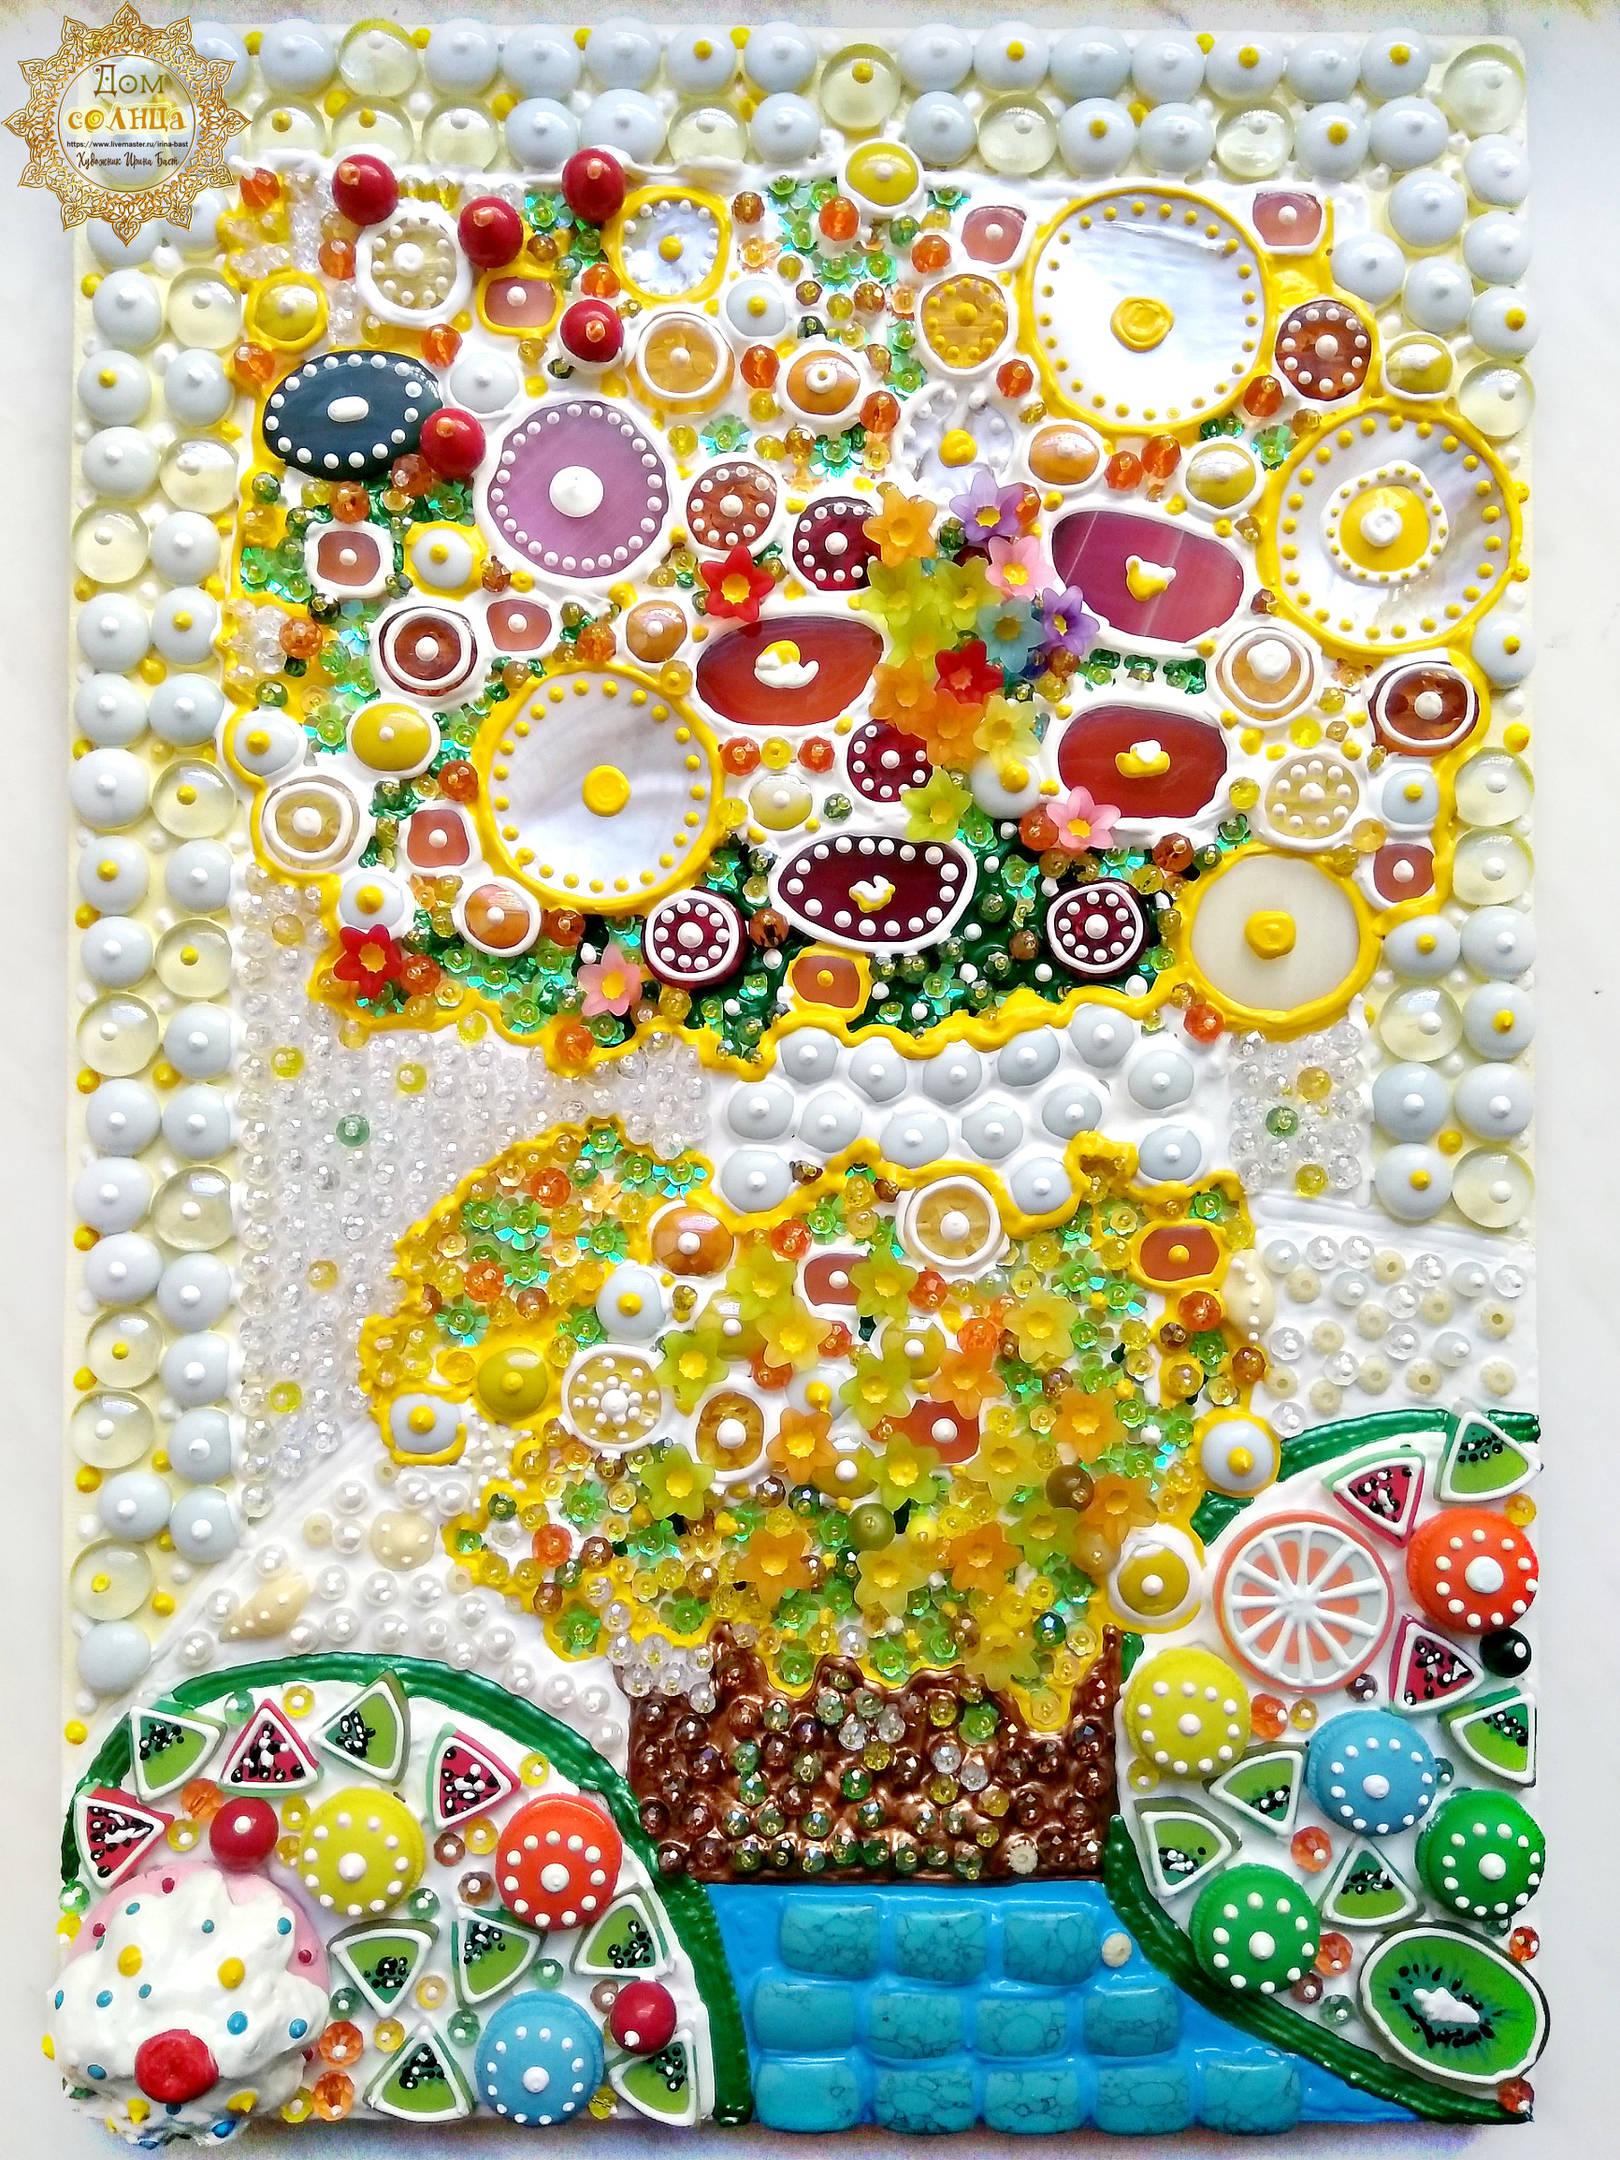 Яркая, летняя, позитивная картина Солнечное утро с желтыми цветами и фруктами. Полудрагоценные камни, стекло.